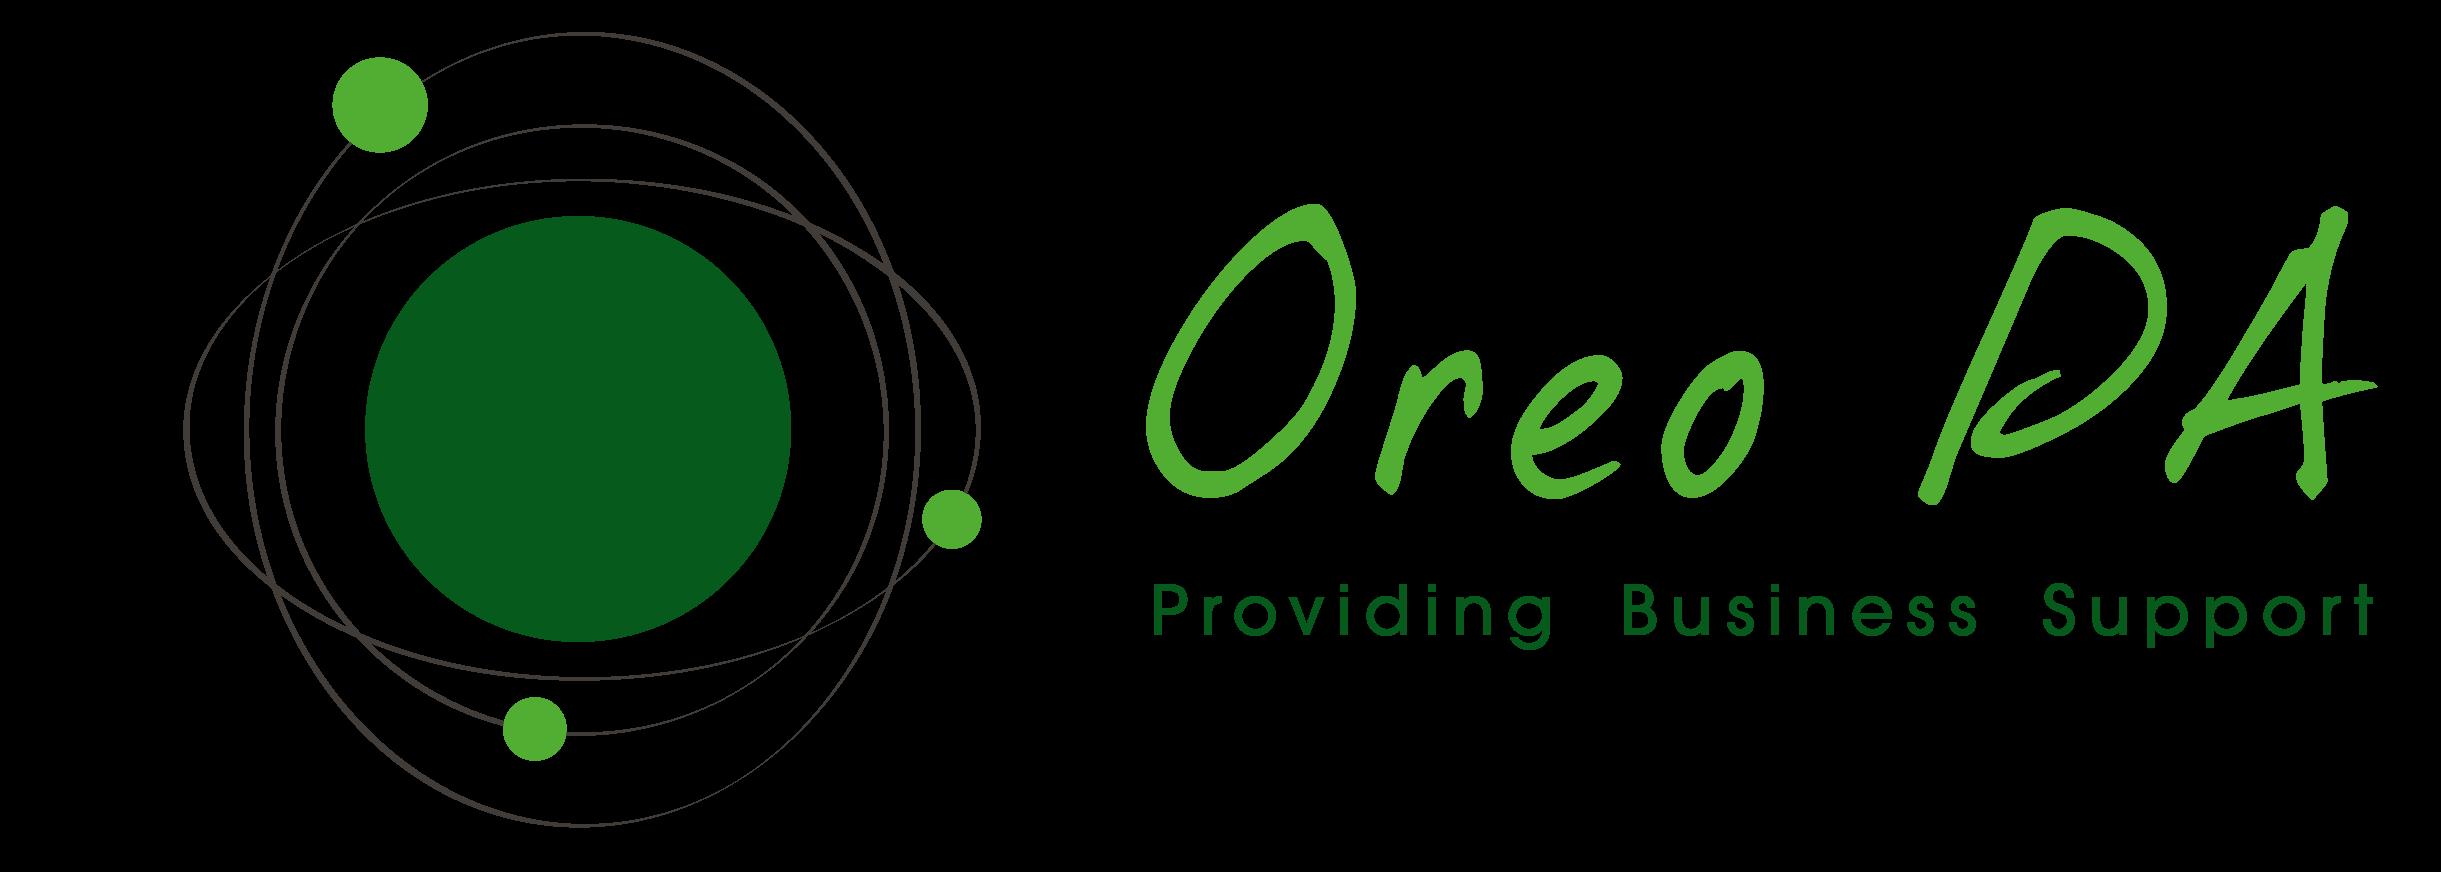 Oreo PA